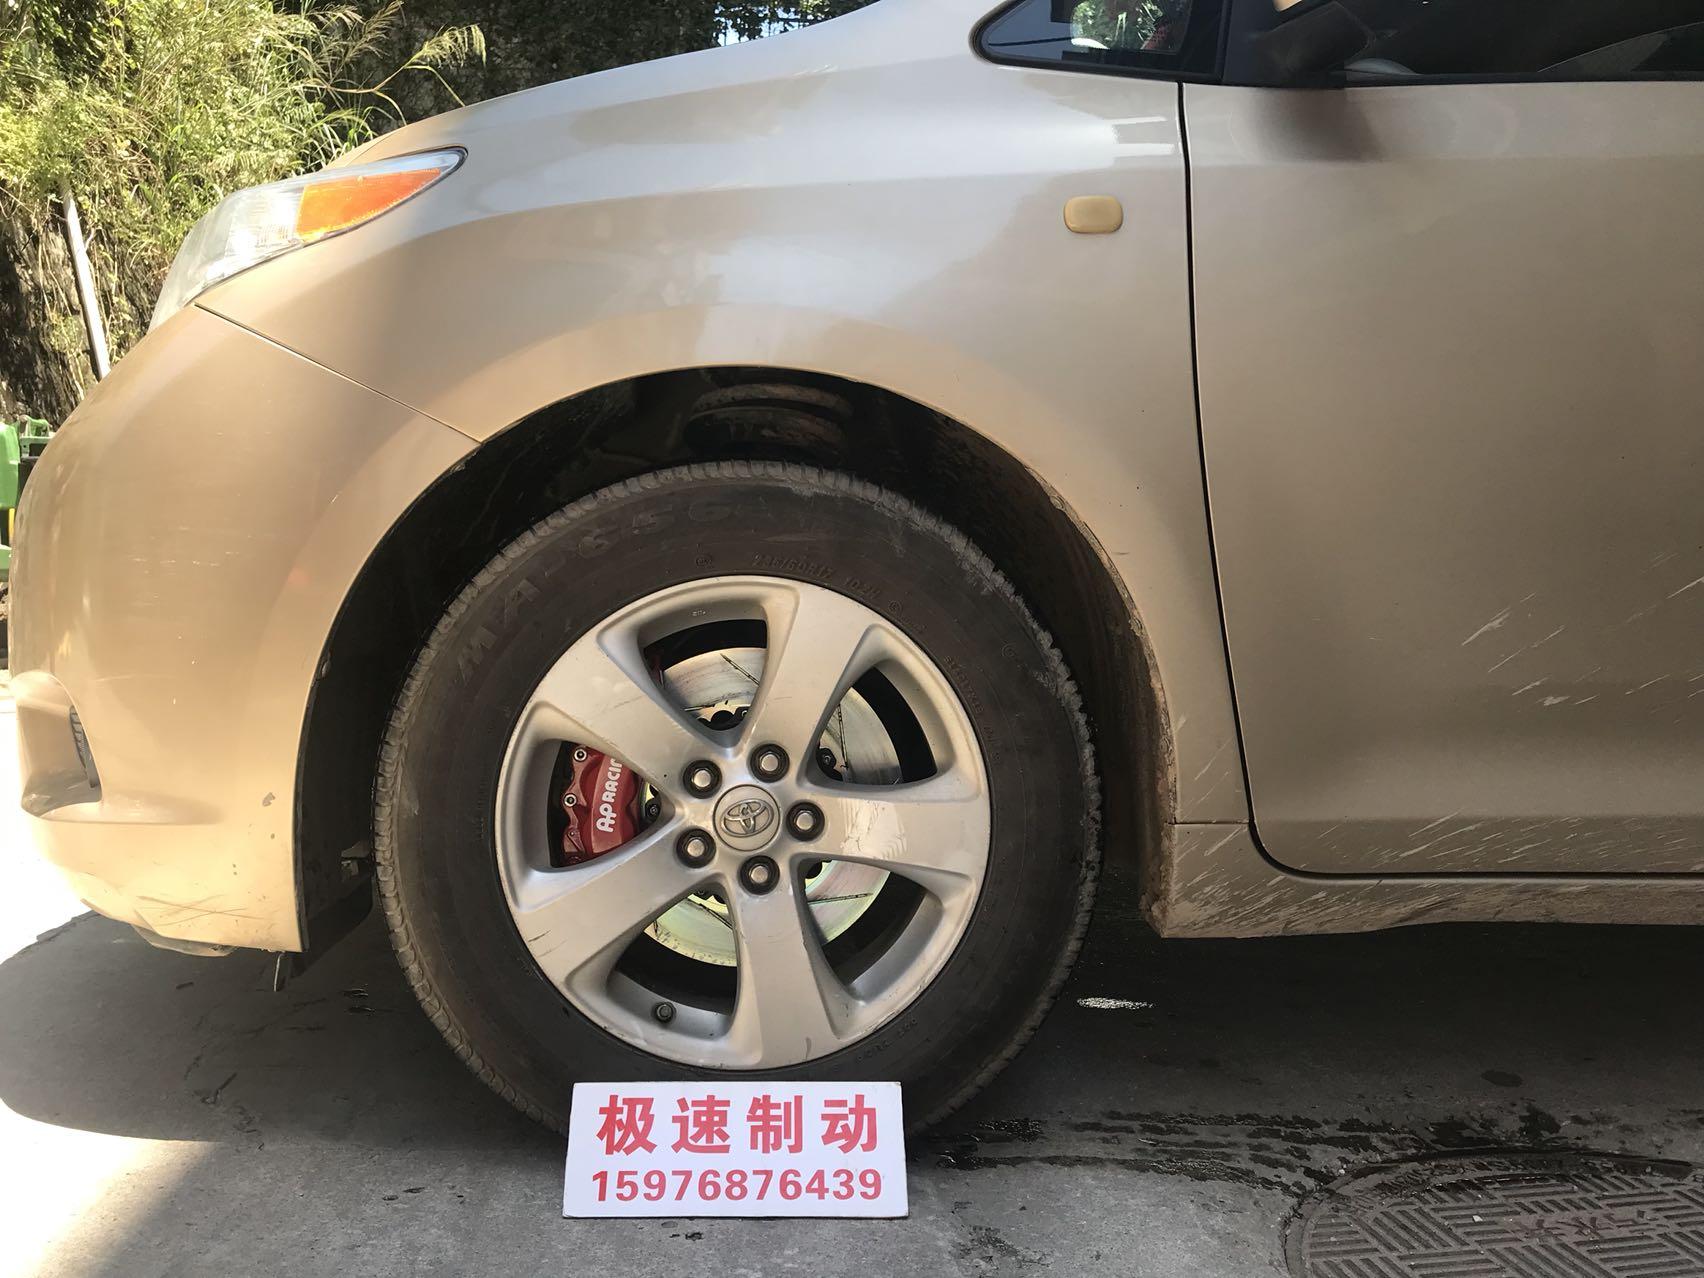 【深圳刹车改装】丰田塞纳 17寸刹车升级前轮Ap9040大六活塞套件